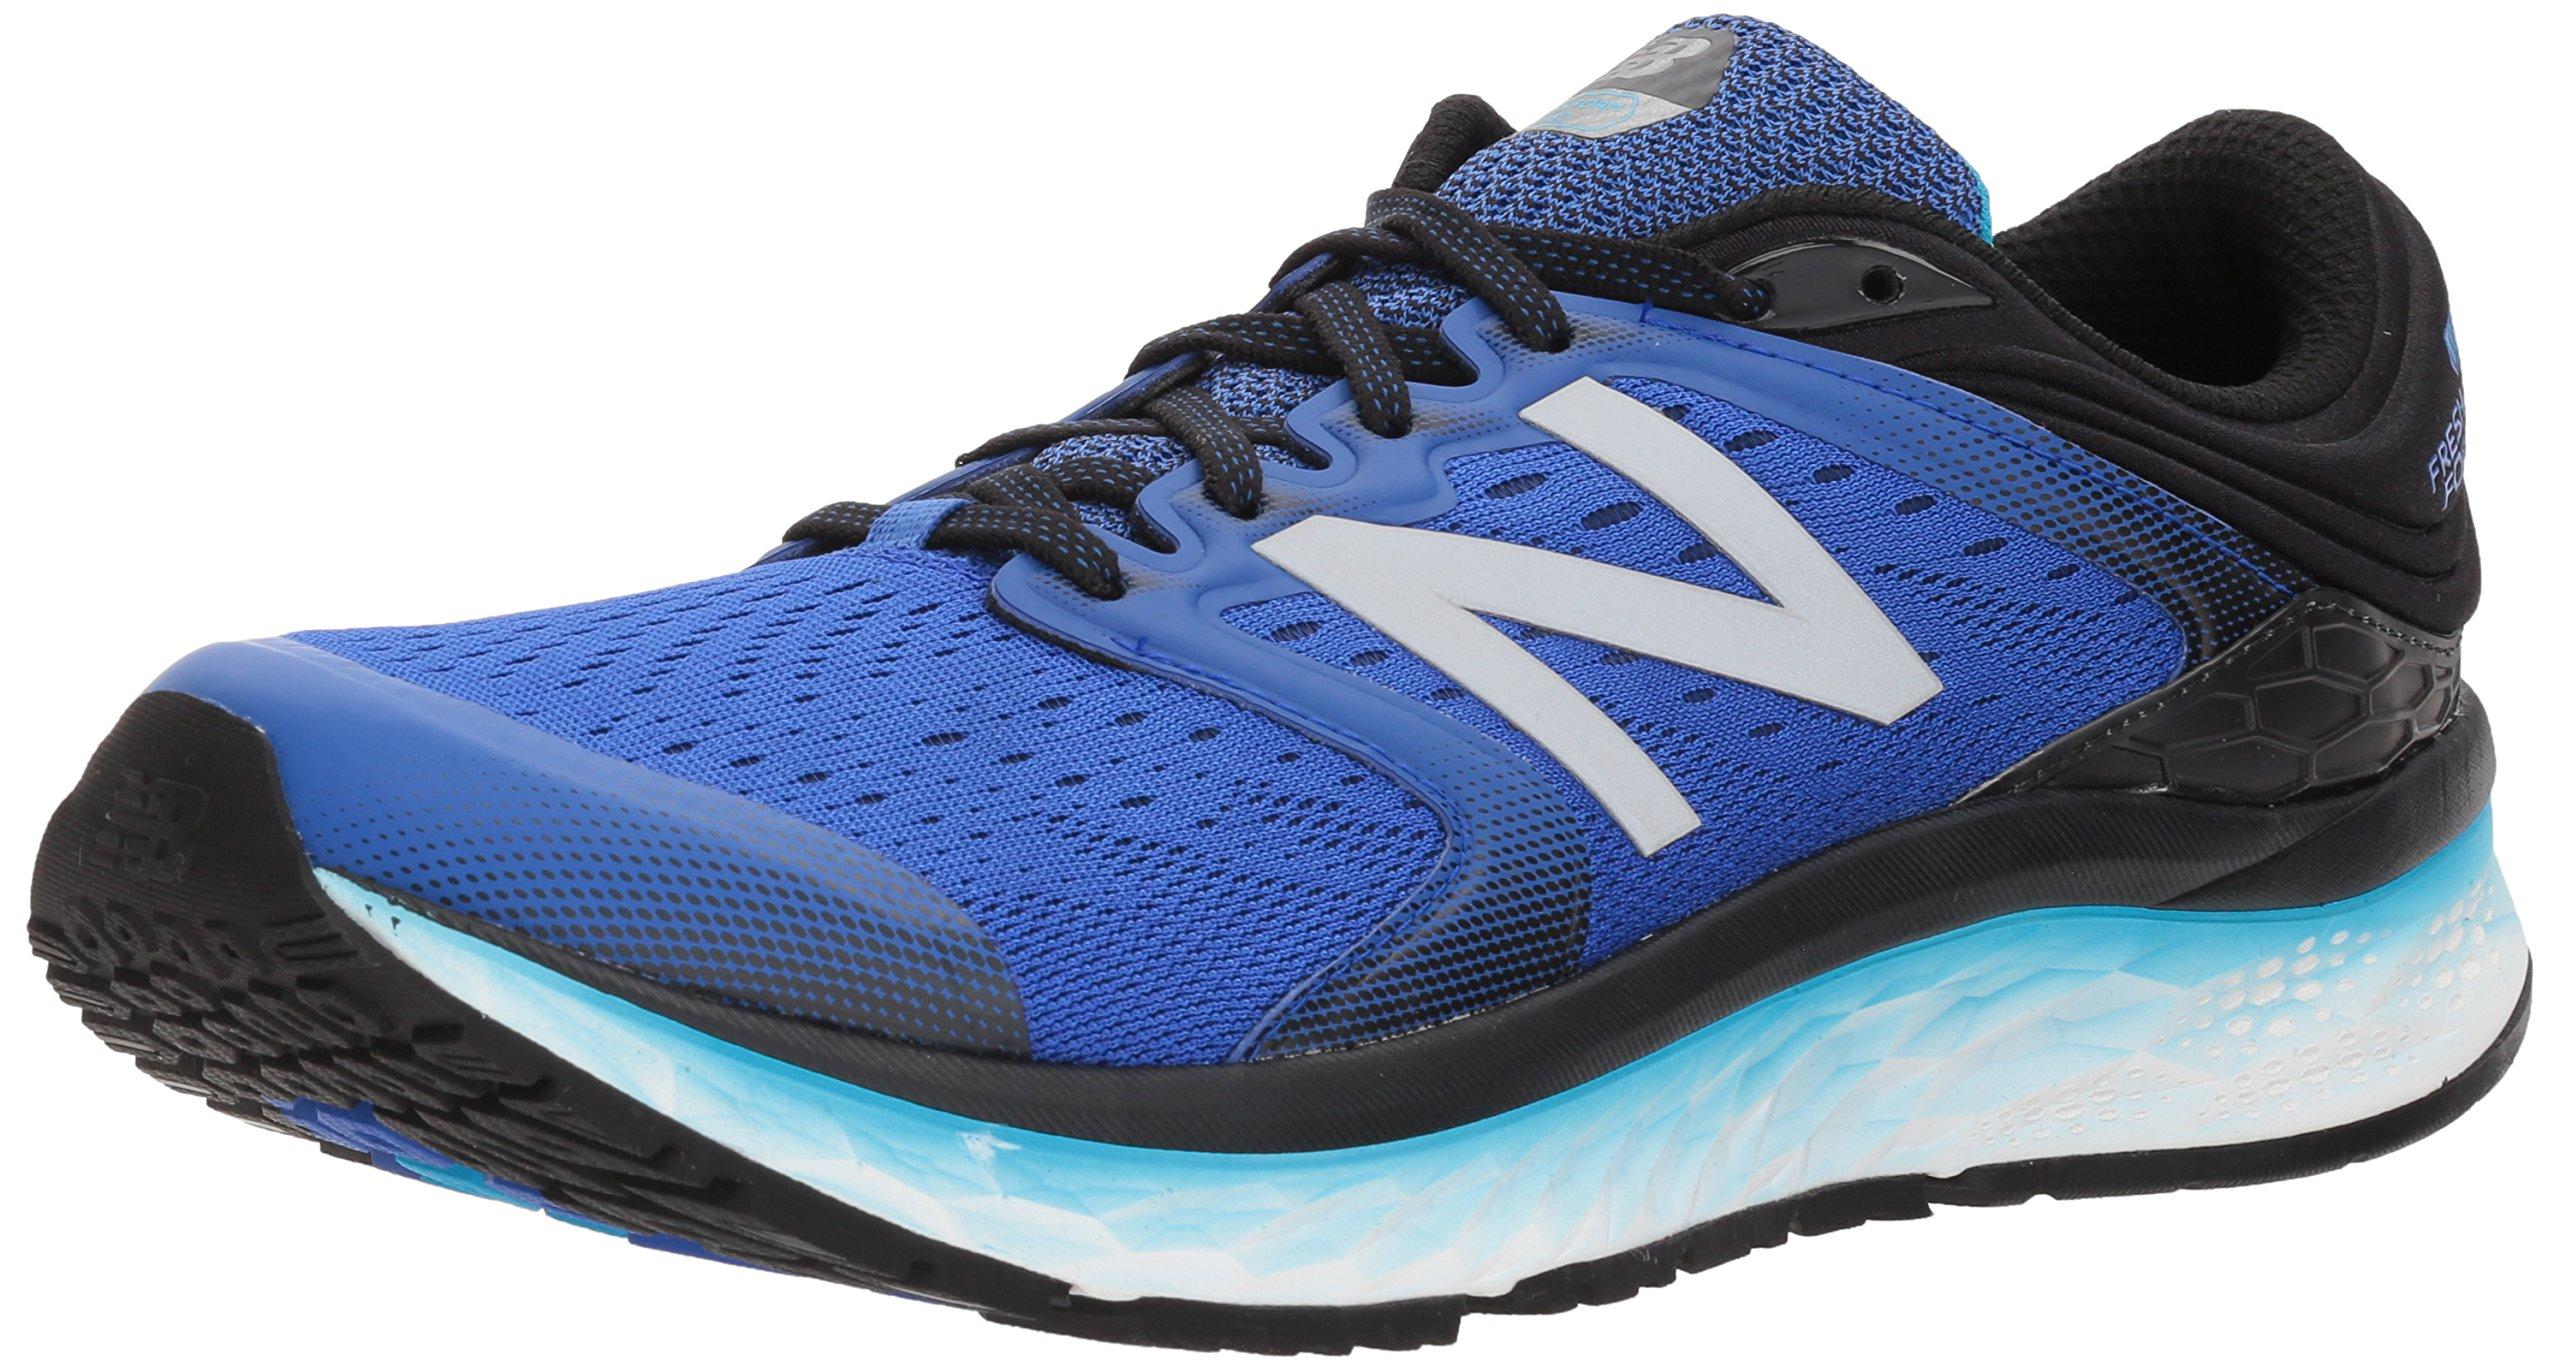 New Balance Men's 1080v8 Fresh Foam Running Shoe, Pacific/Black, 13 2E US